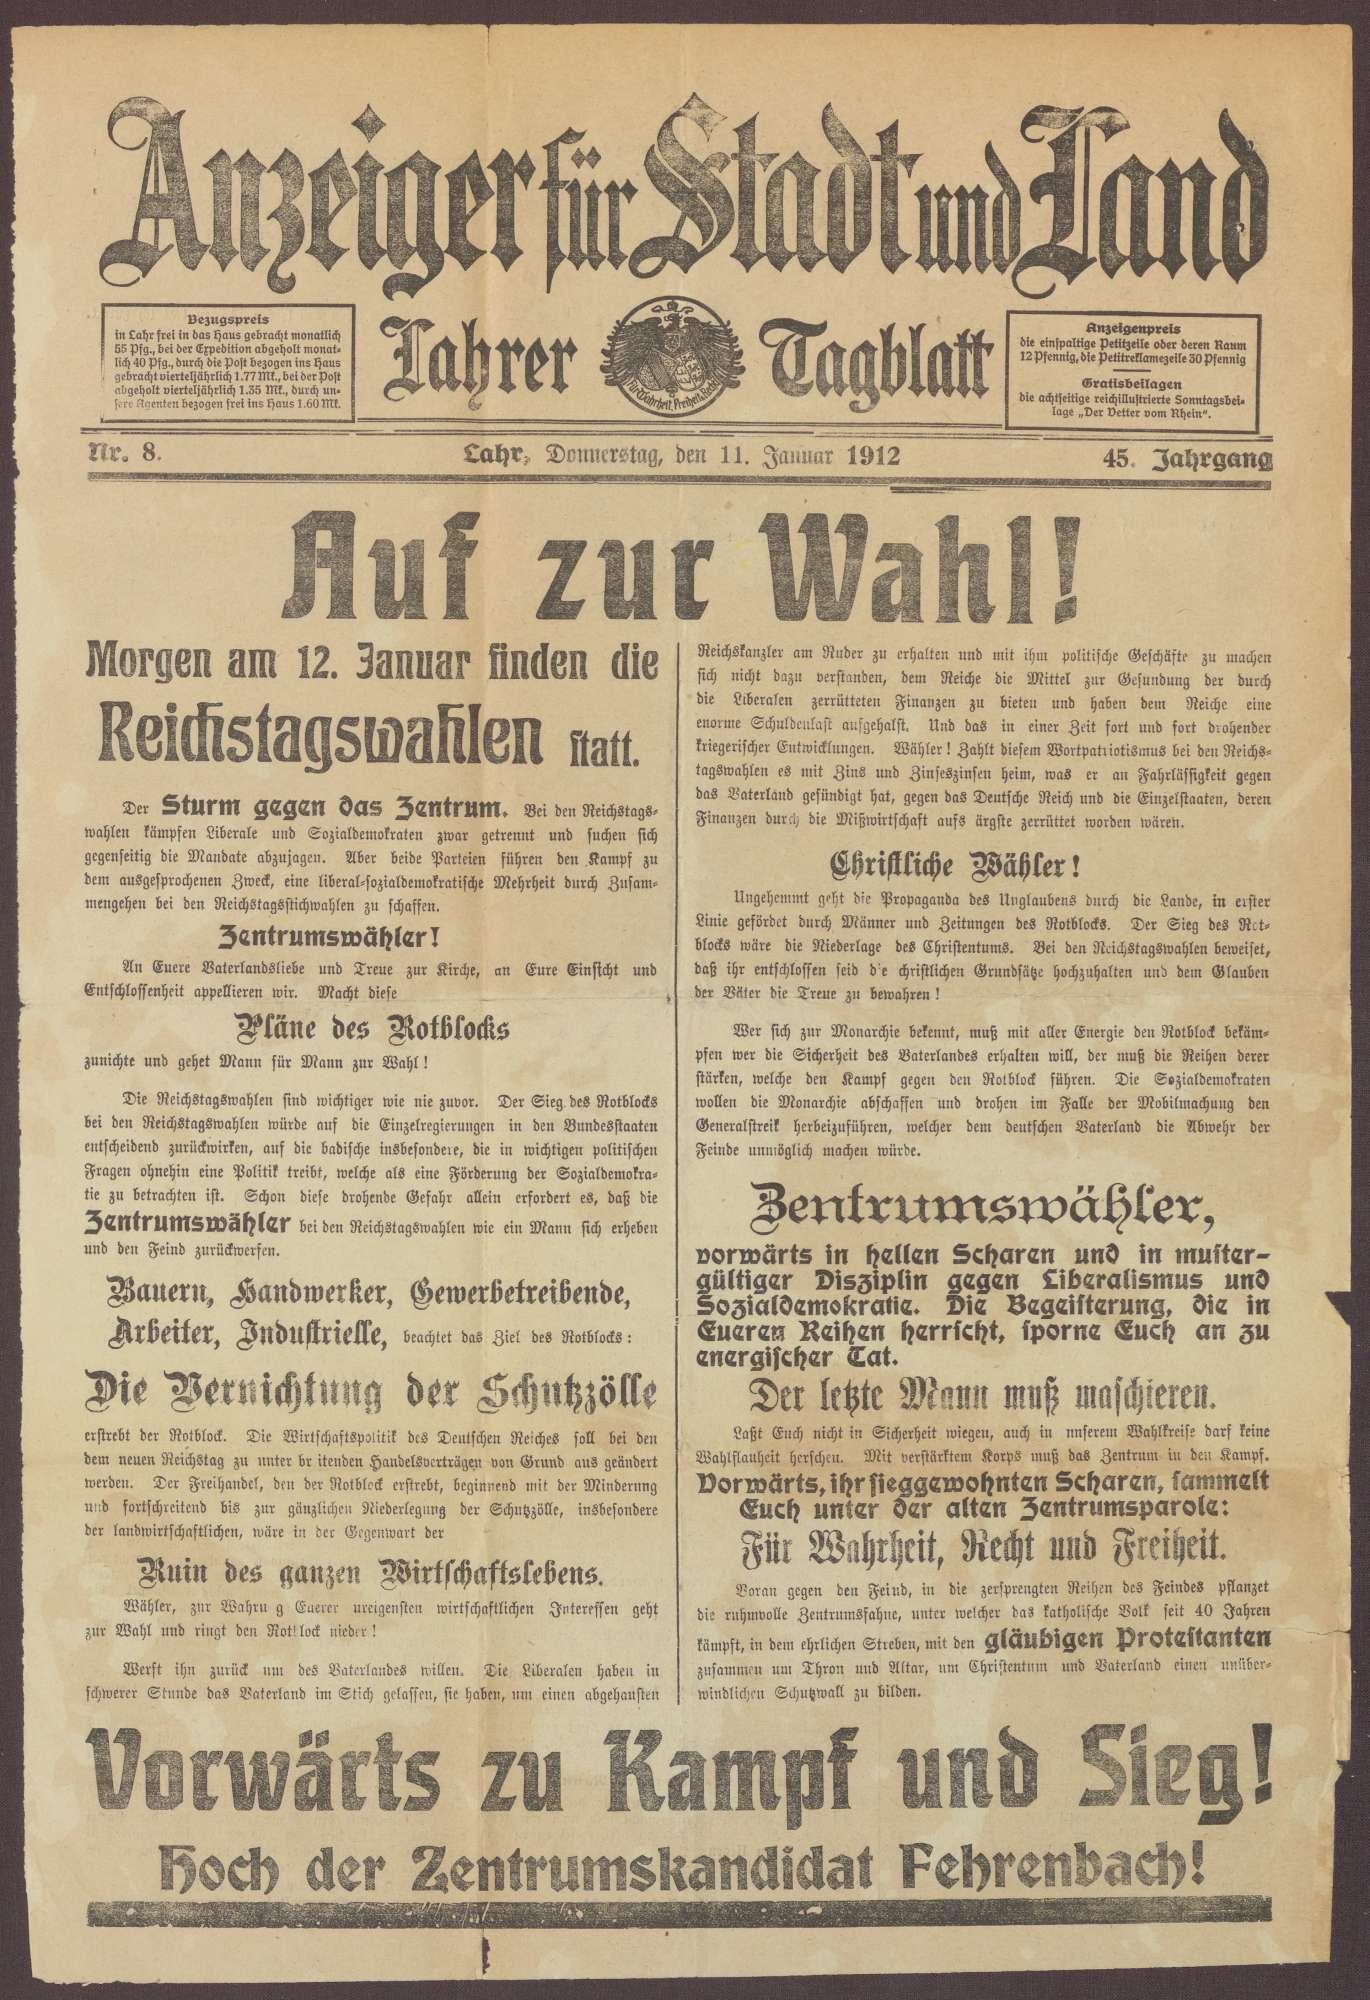 """Wahlaufruf an die Wähler der Zentrumspartei zur Wahl von Constantin Fehrenbach in """"Anzeiger für Stadt und Land. Lahrer Tagblatt"""", Bild 1"""